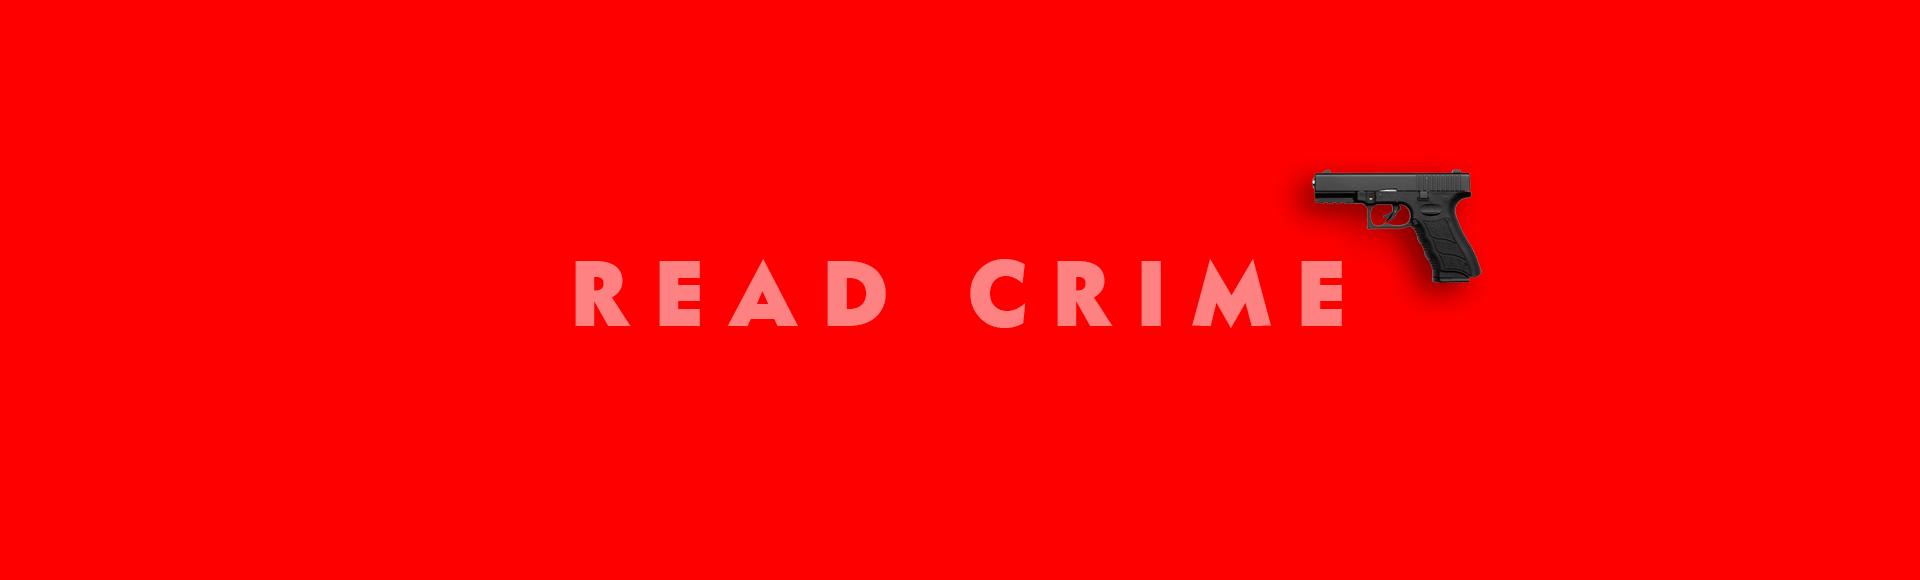 Read Crime